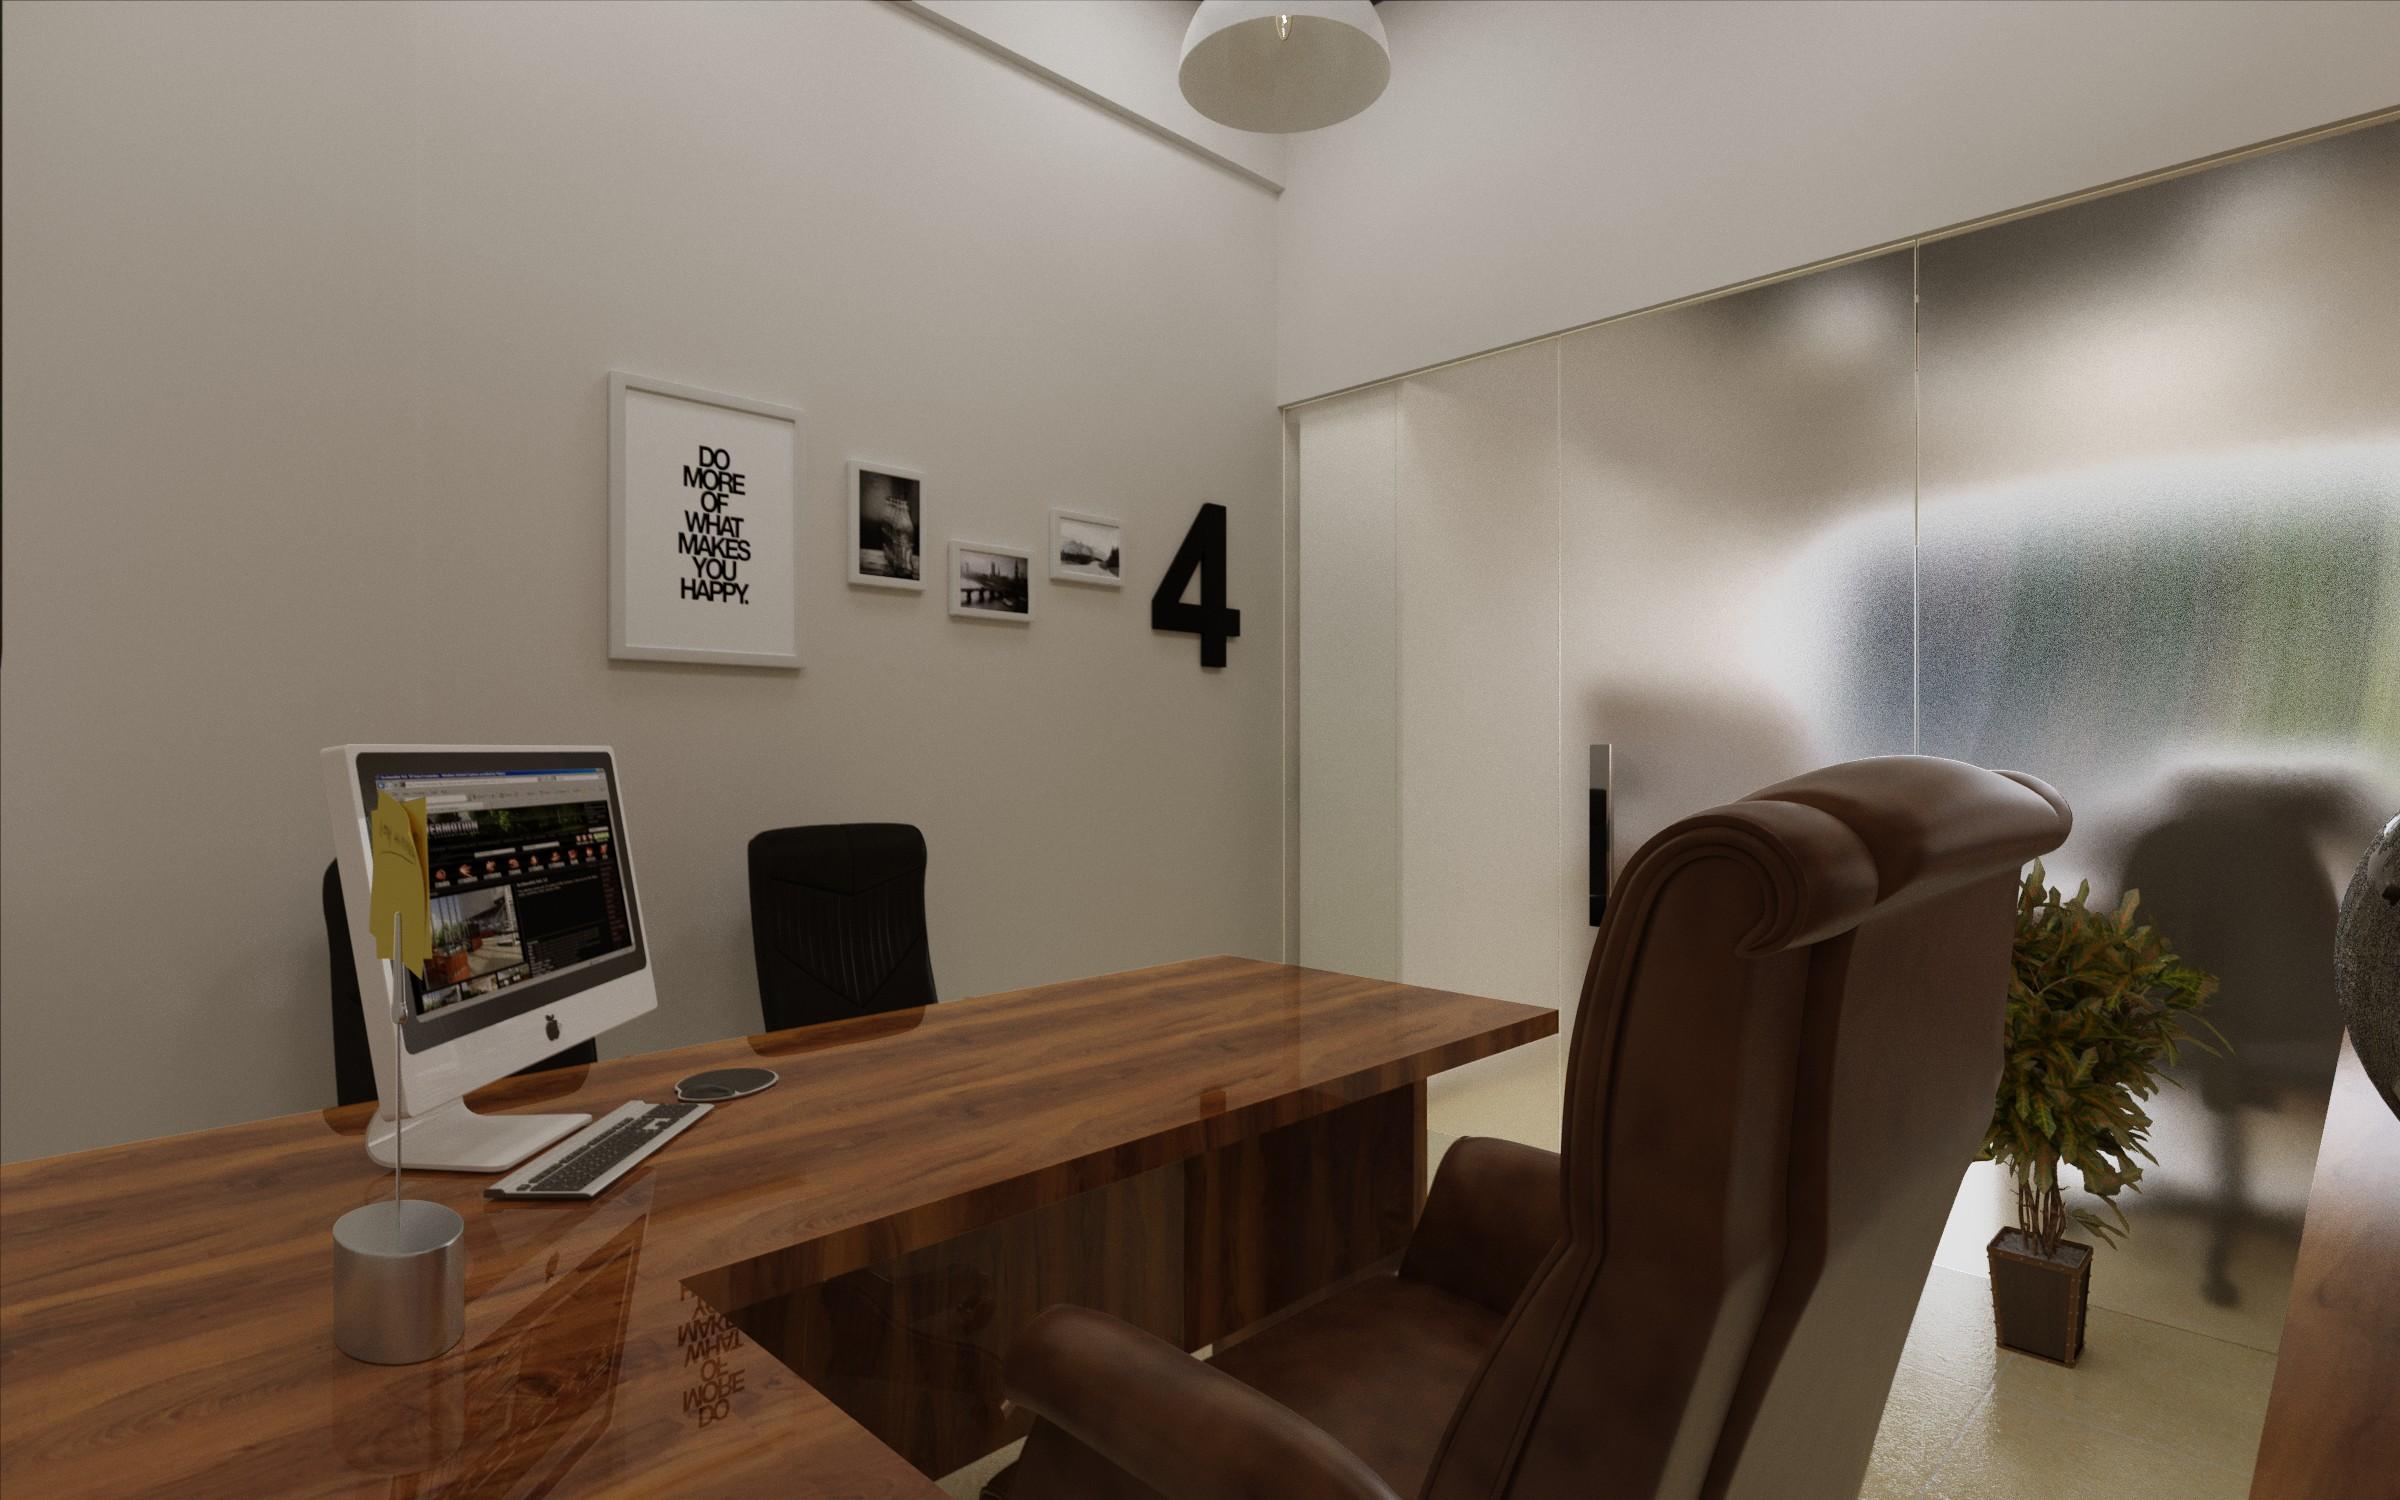 VAA3 gallery